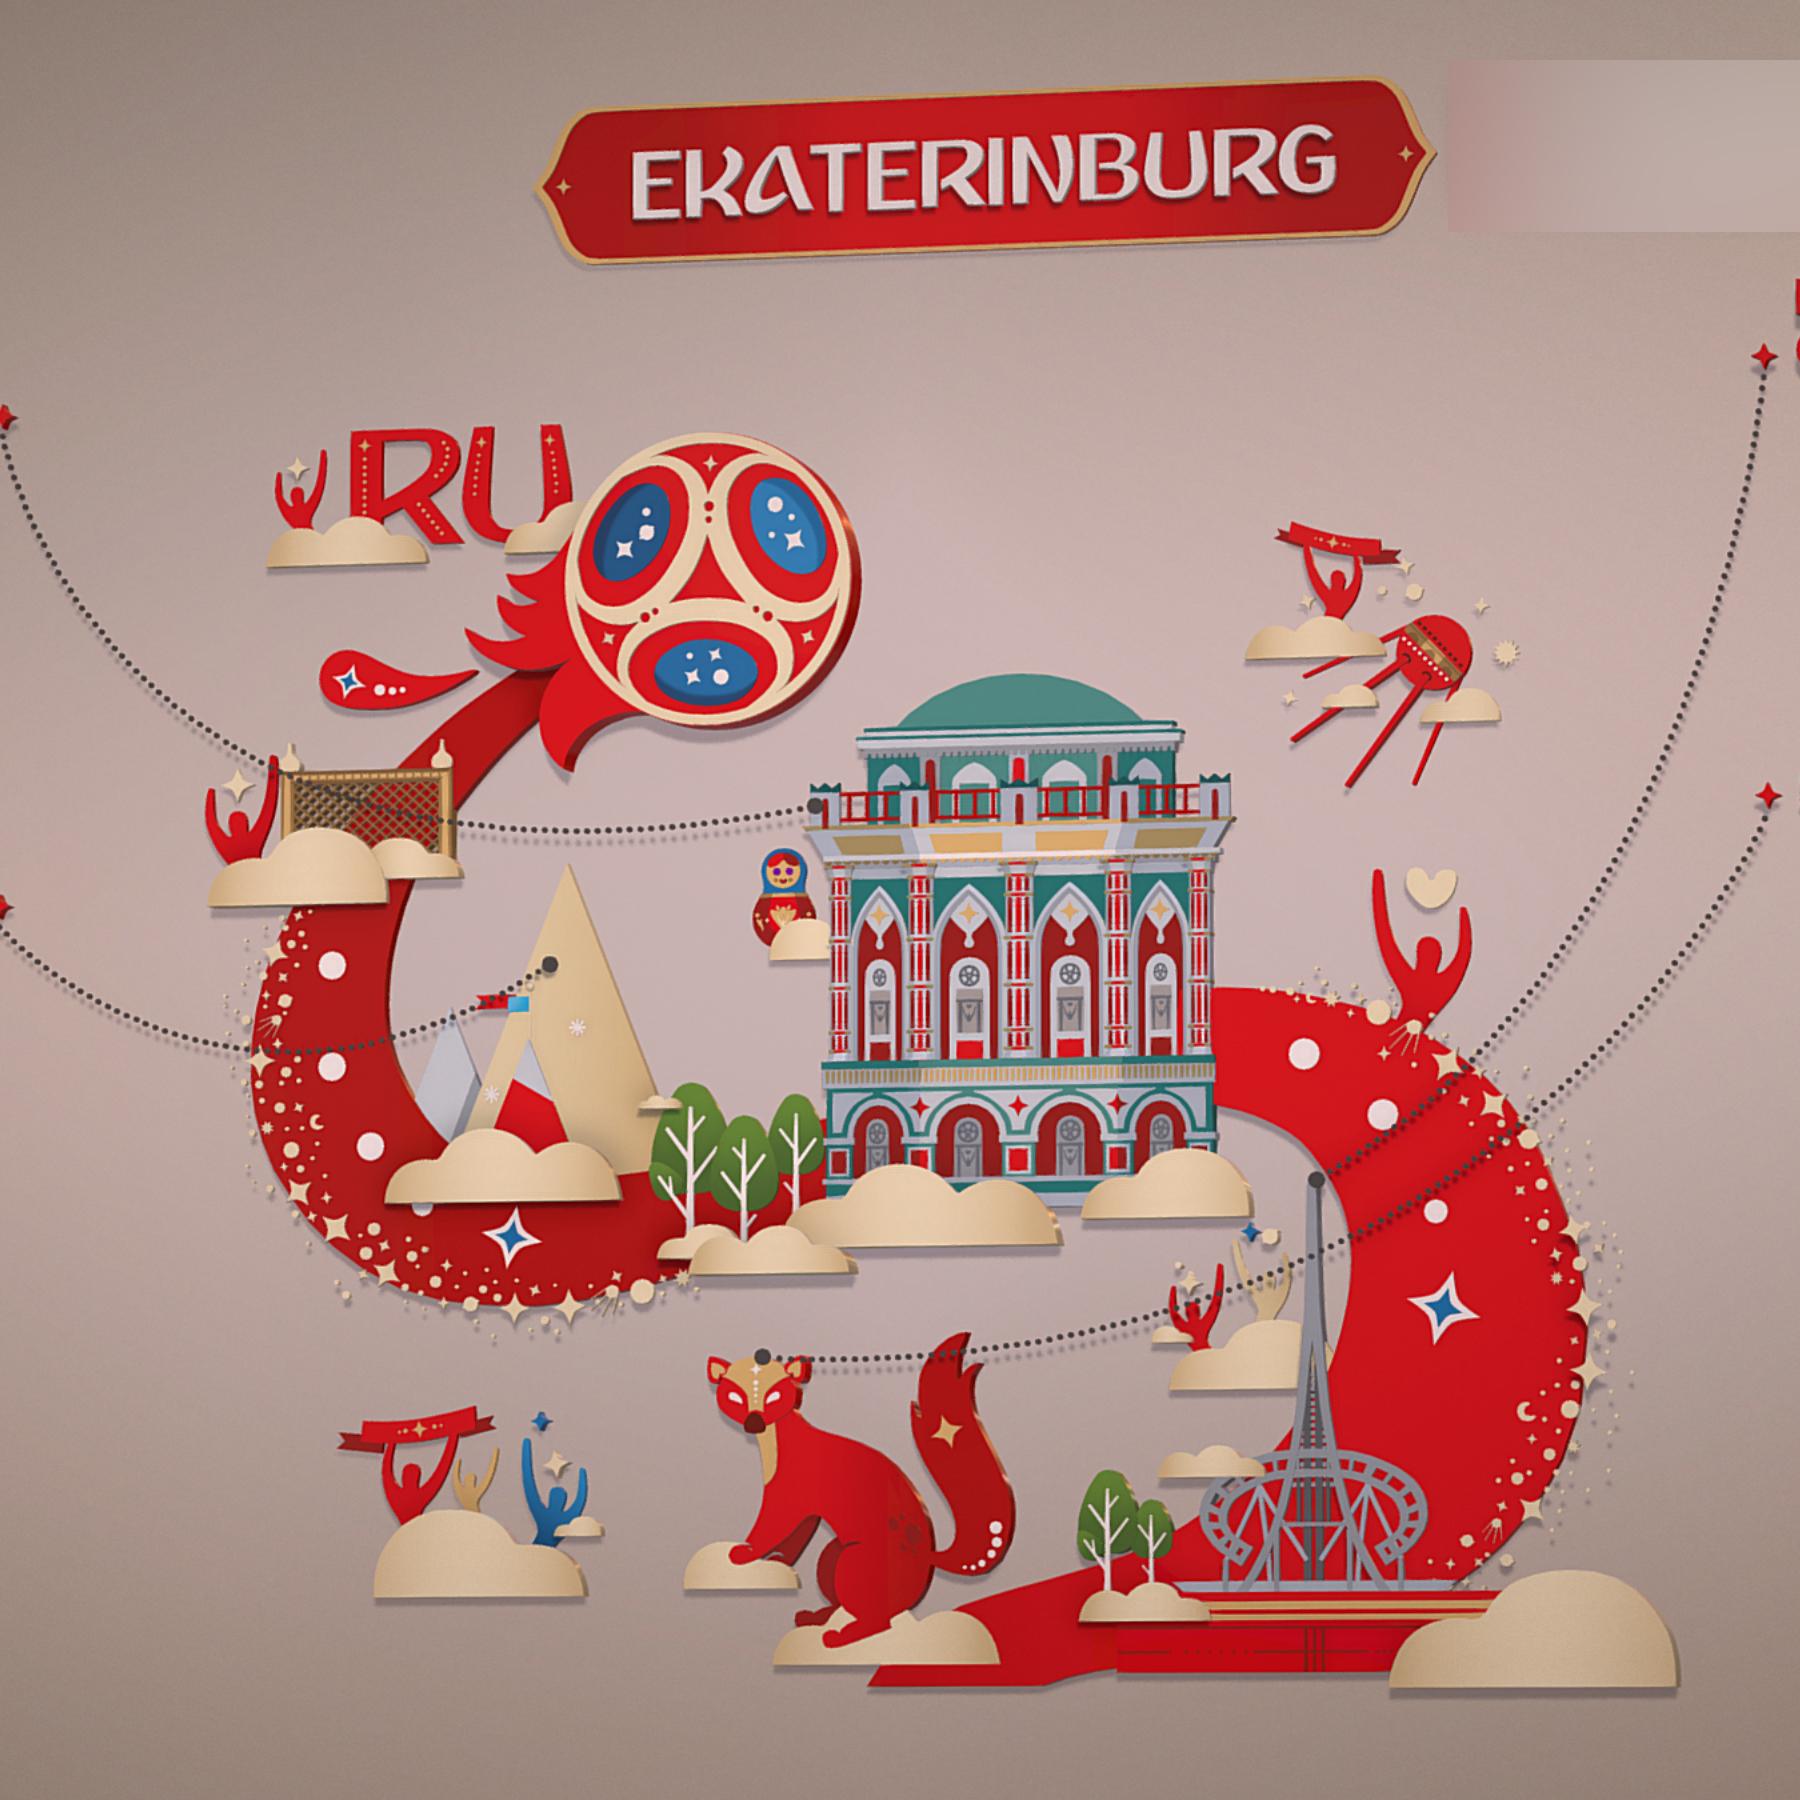 fifa wold cup 2018 russia host city ekaterinburg 3d model max  fbx jpeg jpg ma mb obj 271359